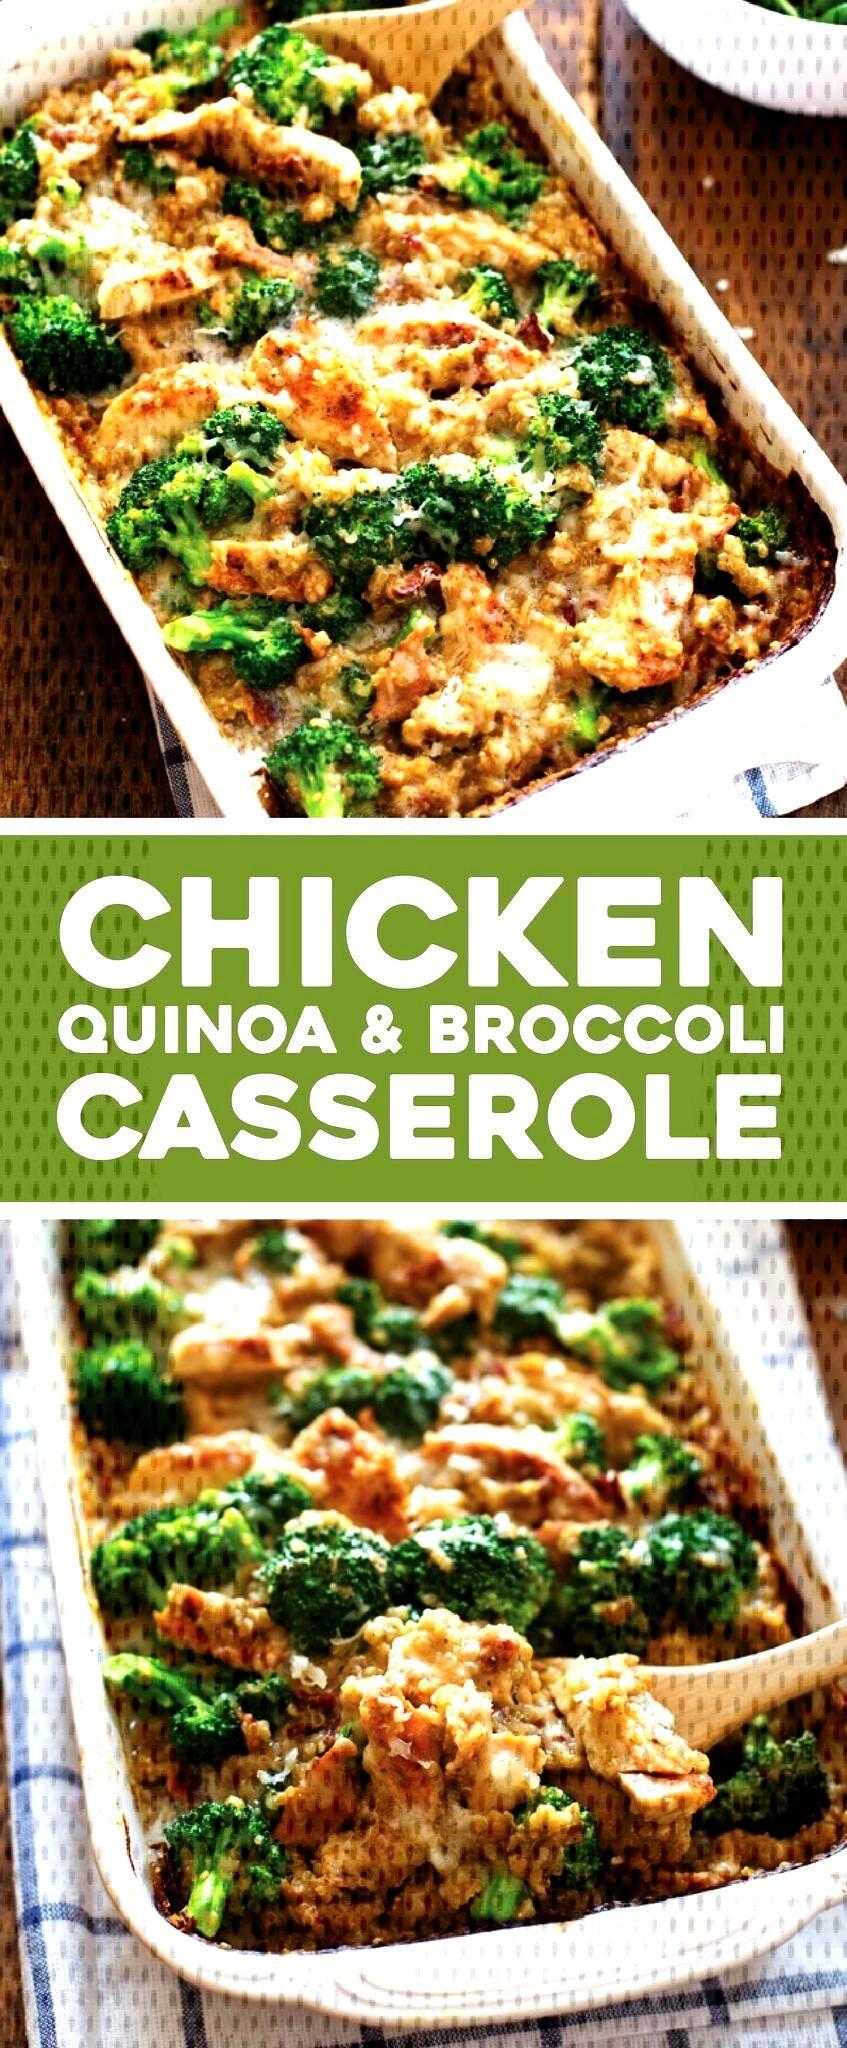 Creamy Chicken Quinoa and Broccoli Casserole - Pinch of Yum - This Creamy Chicken Quinoa and Brocc